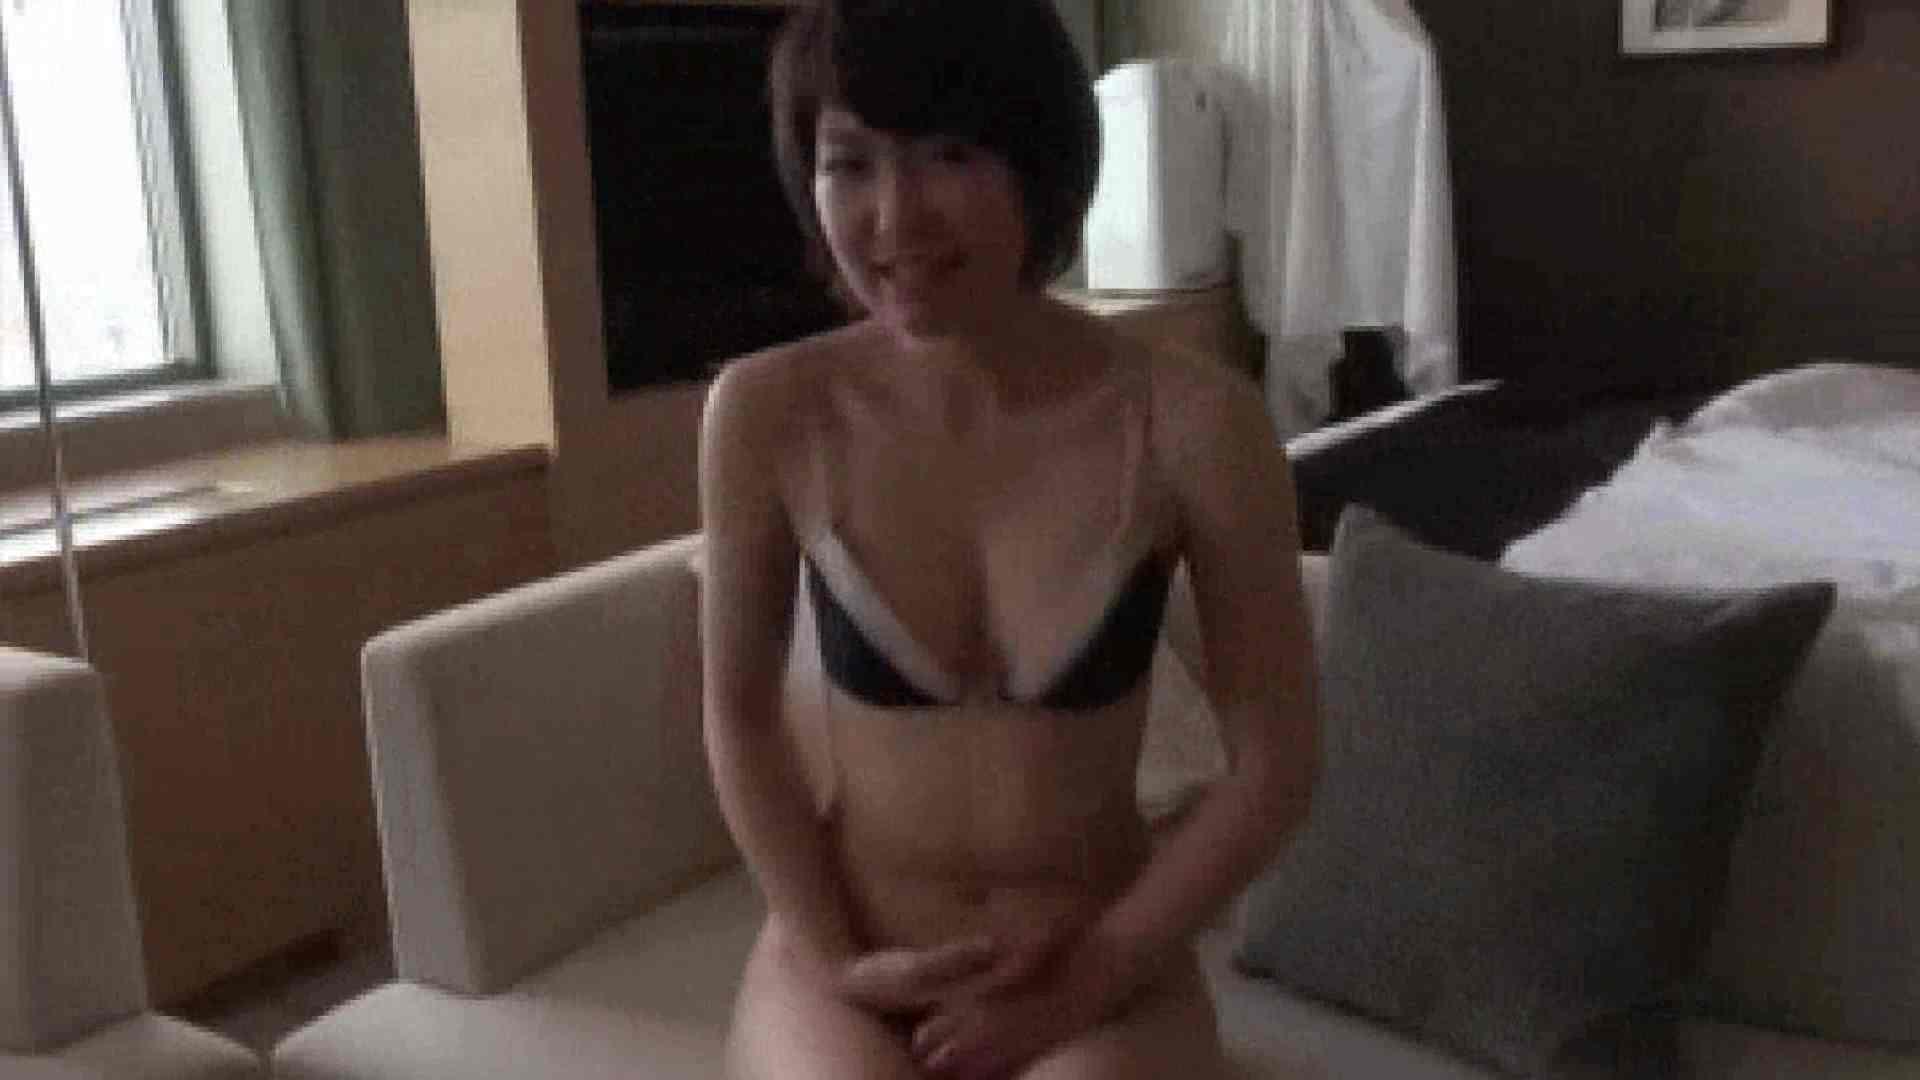 Hで可愛くてケシカラン! Vol.13 HなOL | フェラ  104pic 30